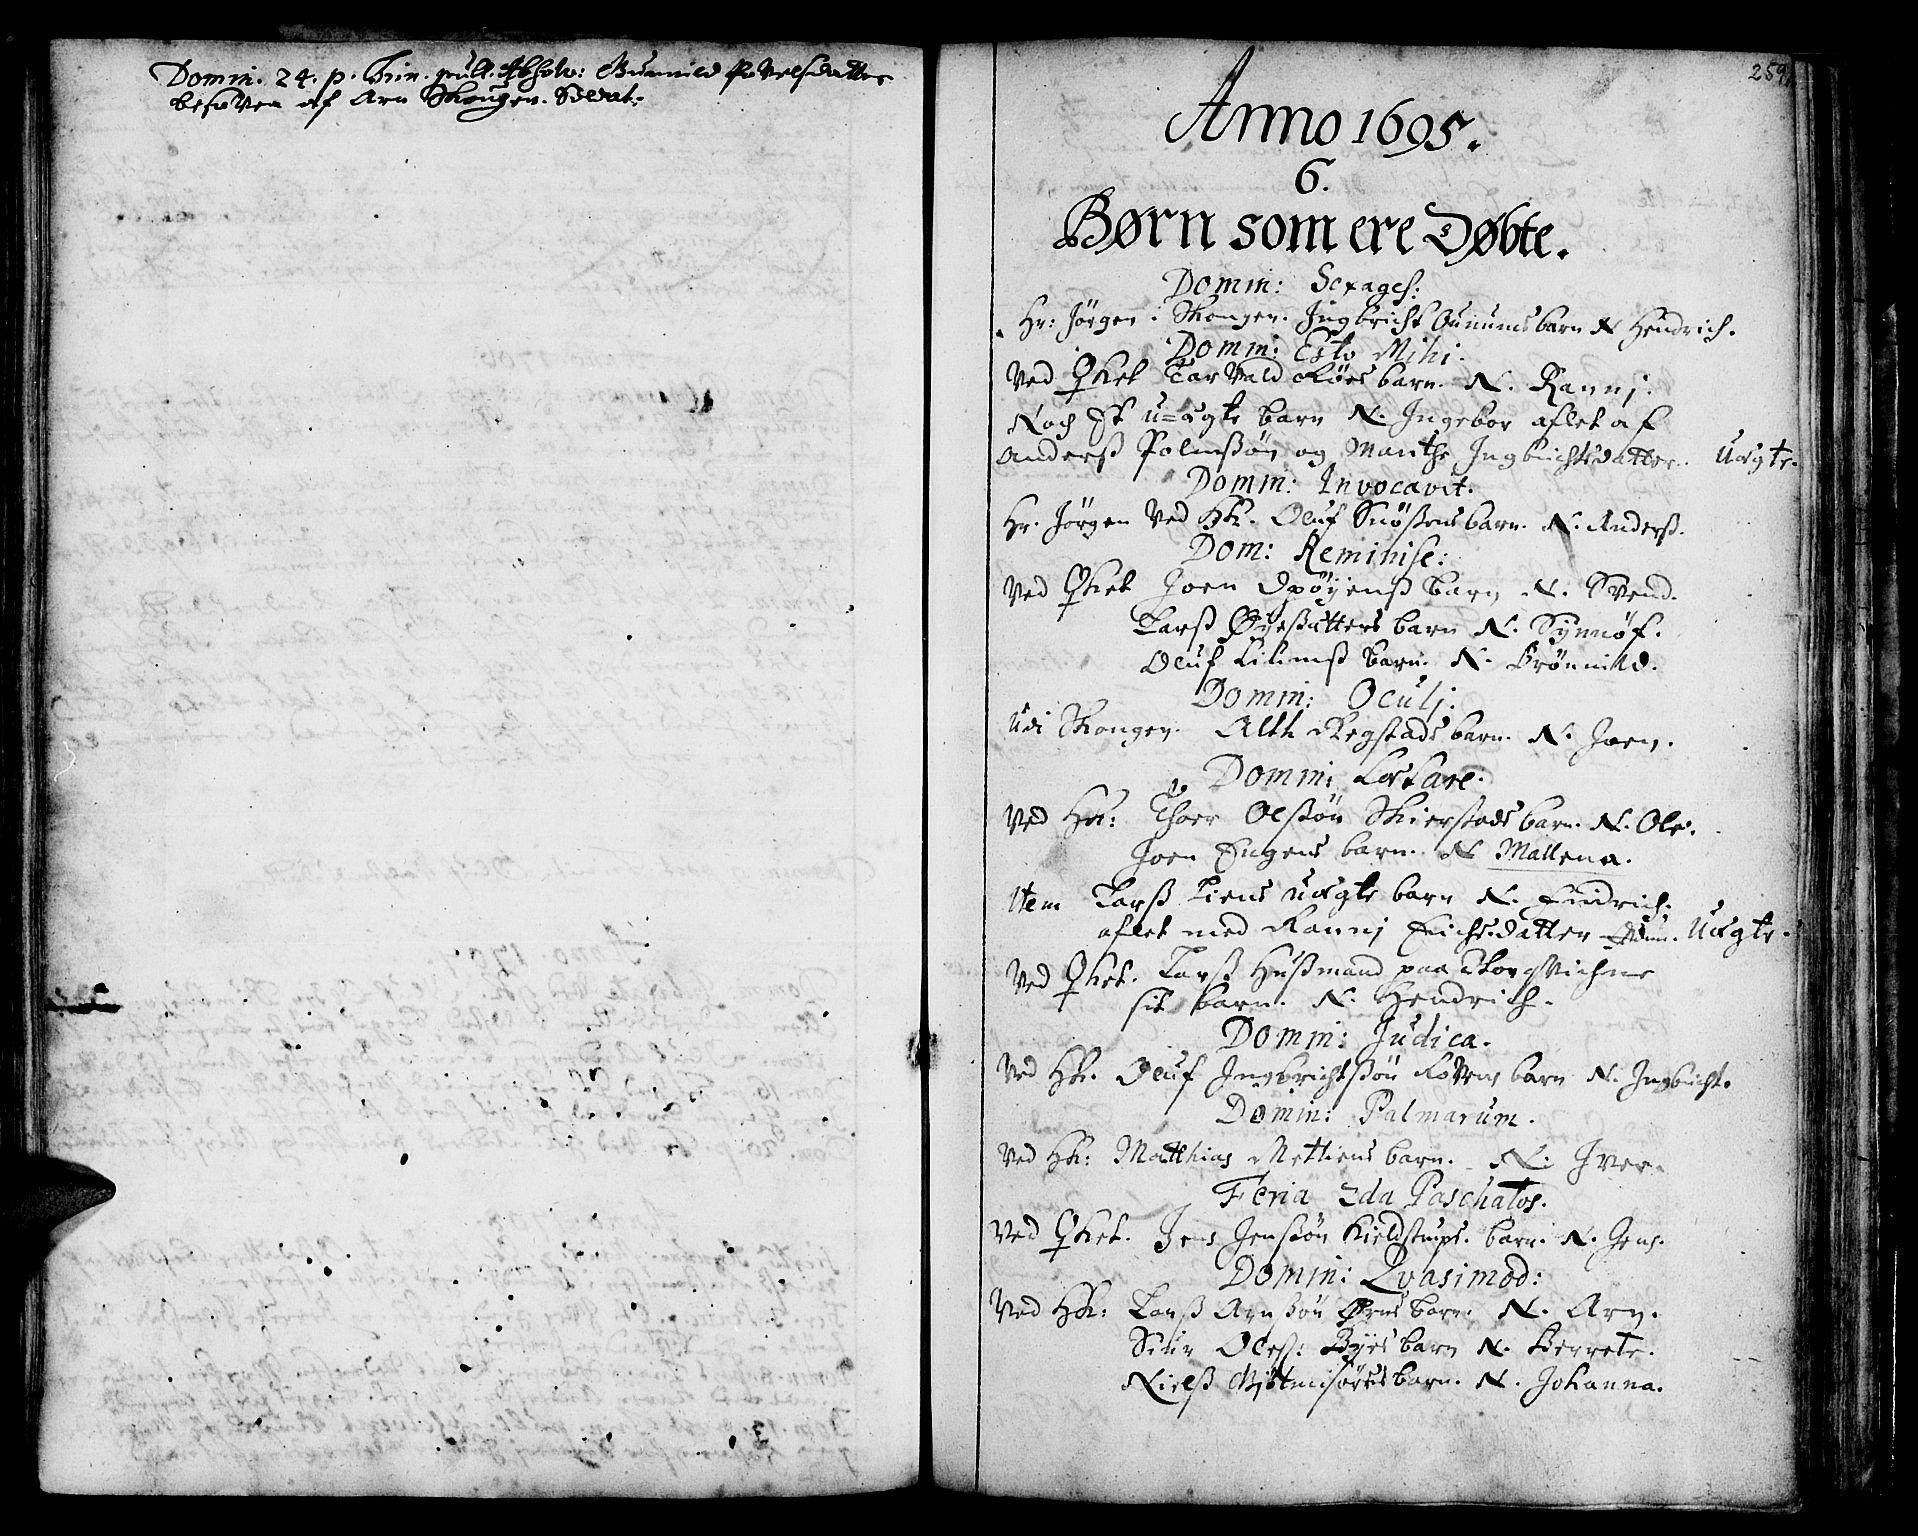 SAT, Ministerialprotokoller, klokkerbøker og fødselsregistre - Sør-Trøndelag, 668/L0801: Ministerialbok nr. 668A01, 1695-1716, s. 230-259